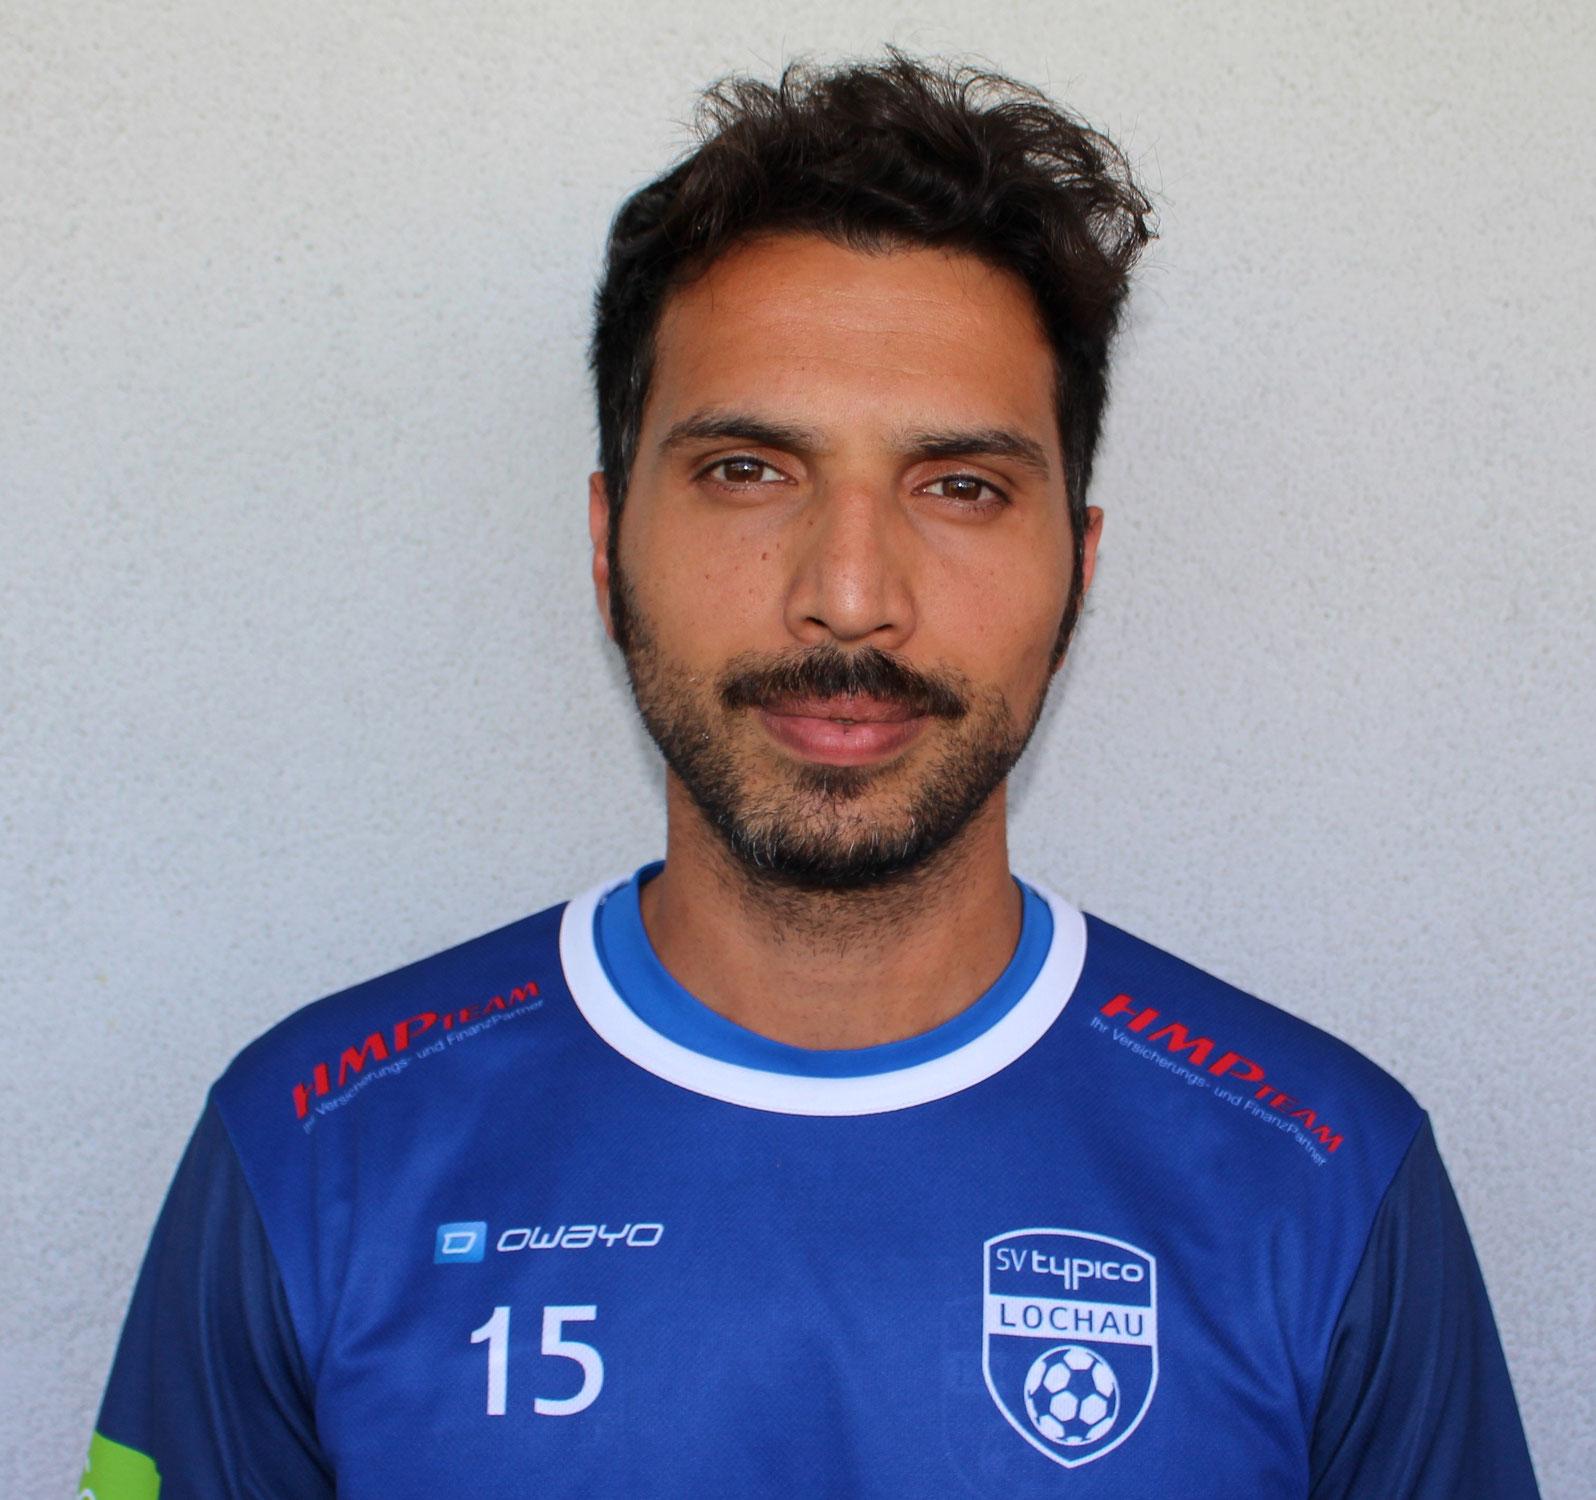 Murat Coskun kehrt als Co-Trainer zum SVL zurück